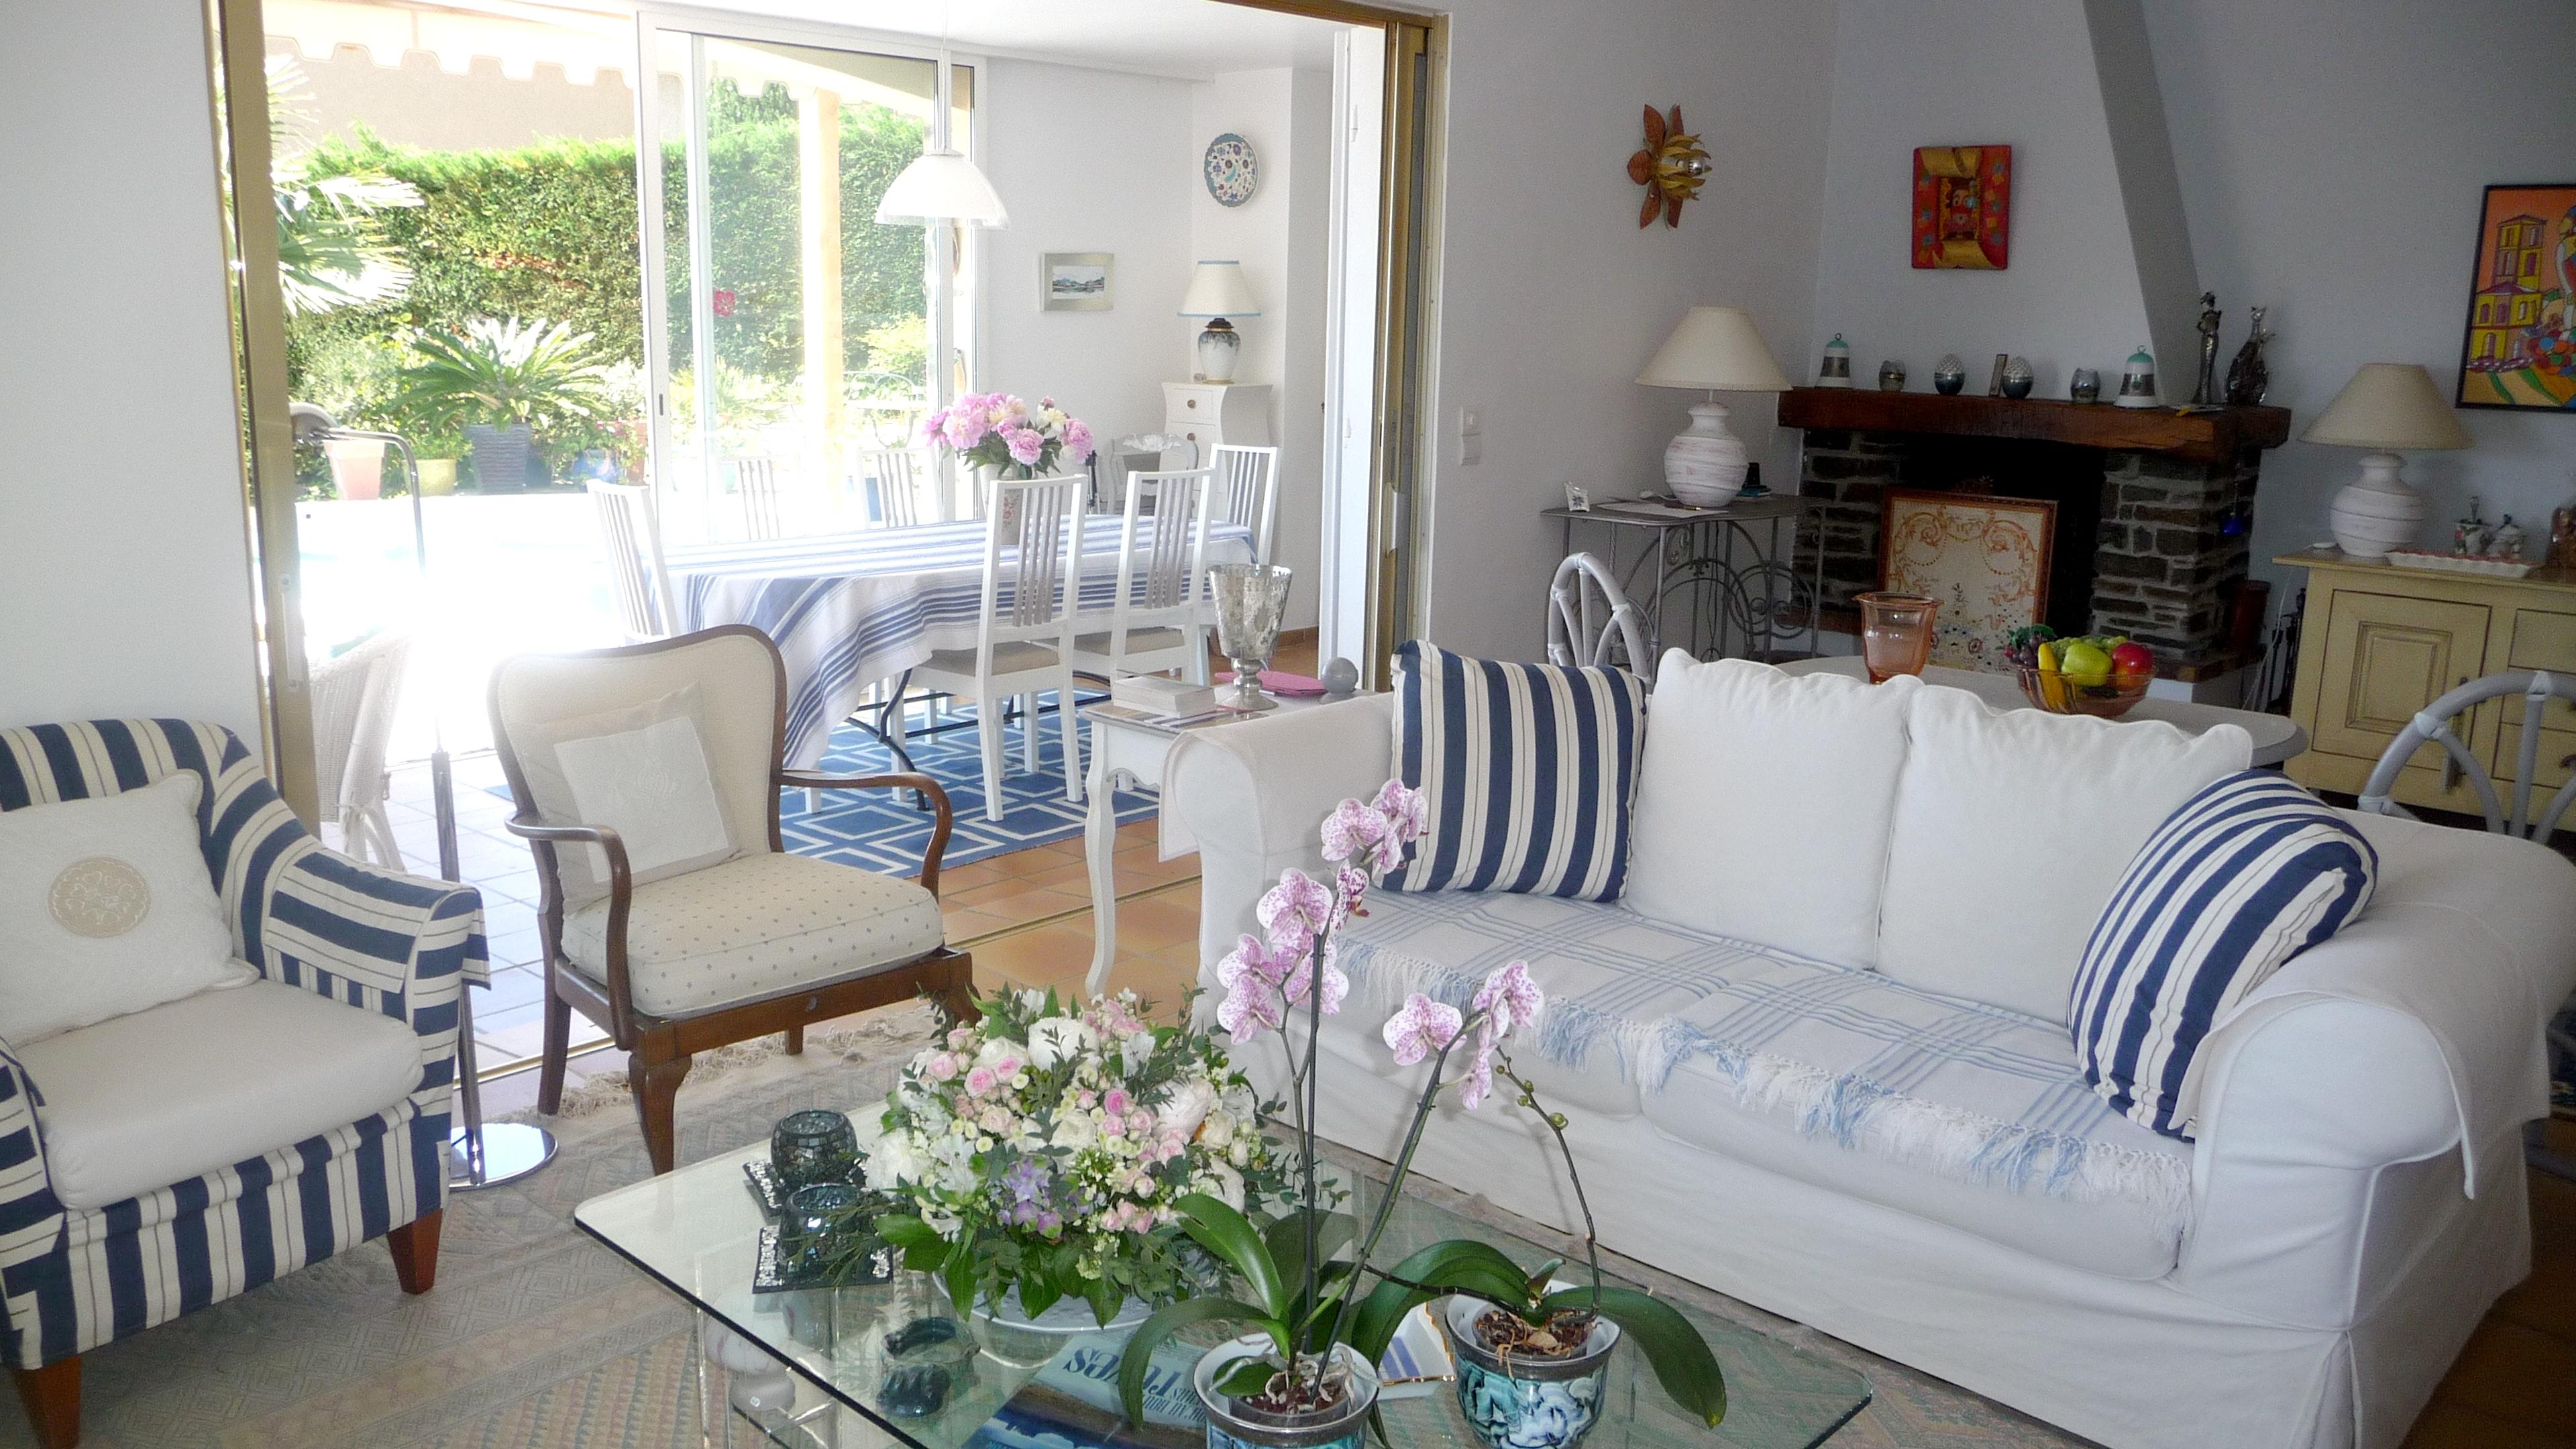 Ferienhaus Villa mit 4 Schlafzimmern in La Croix-Valmer mit herrlichem Meerblick, privatem Pool, eing (2202594), La Croix Valmer, Côte d'Azur, Provence - Alpen - Côte d'Azur, Frankreich, Bild 3